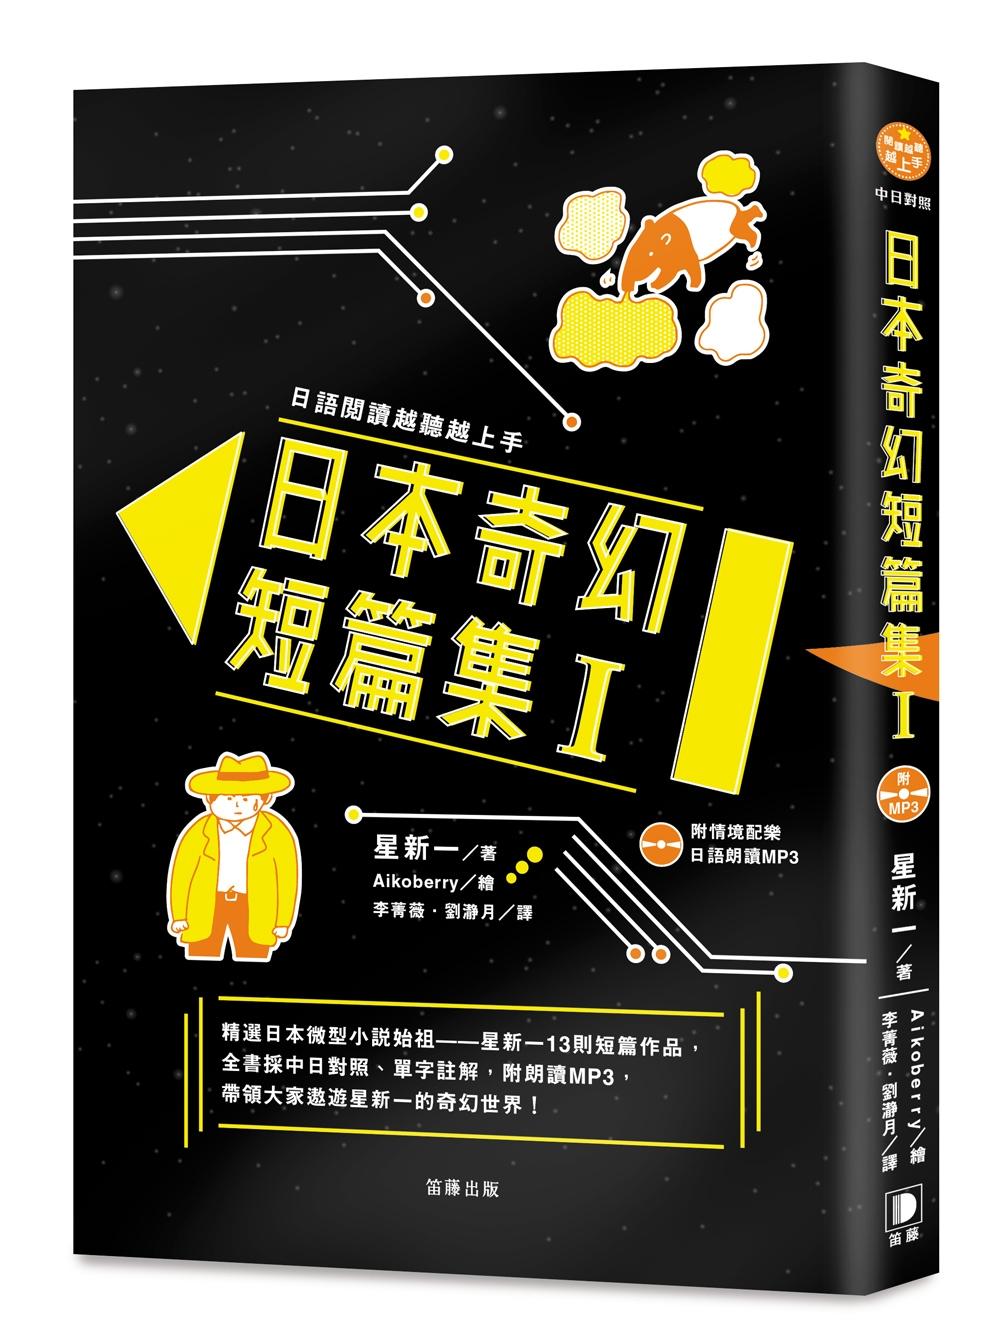 日語閱讀越聽越上手 日本奇幻短篇集Ⅰ(附情境配樂日語朗讀MP3)